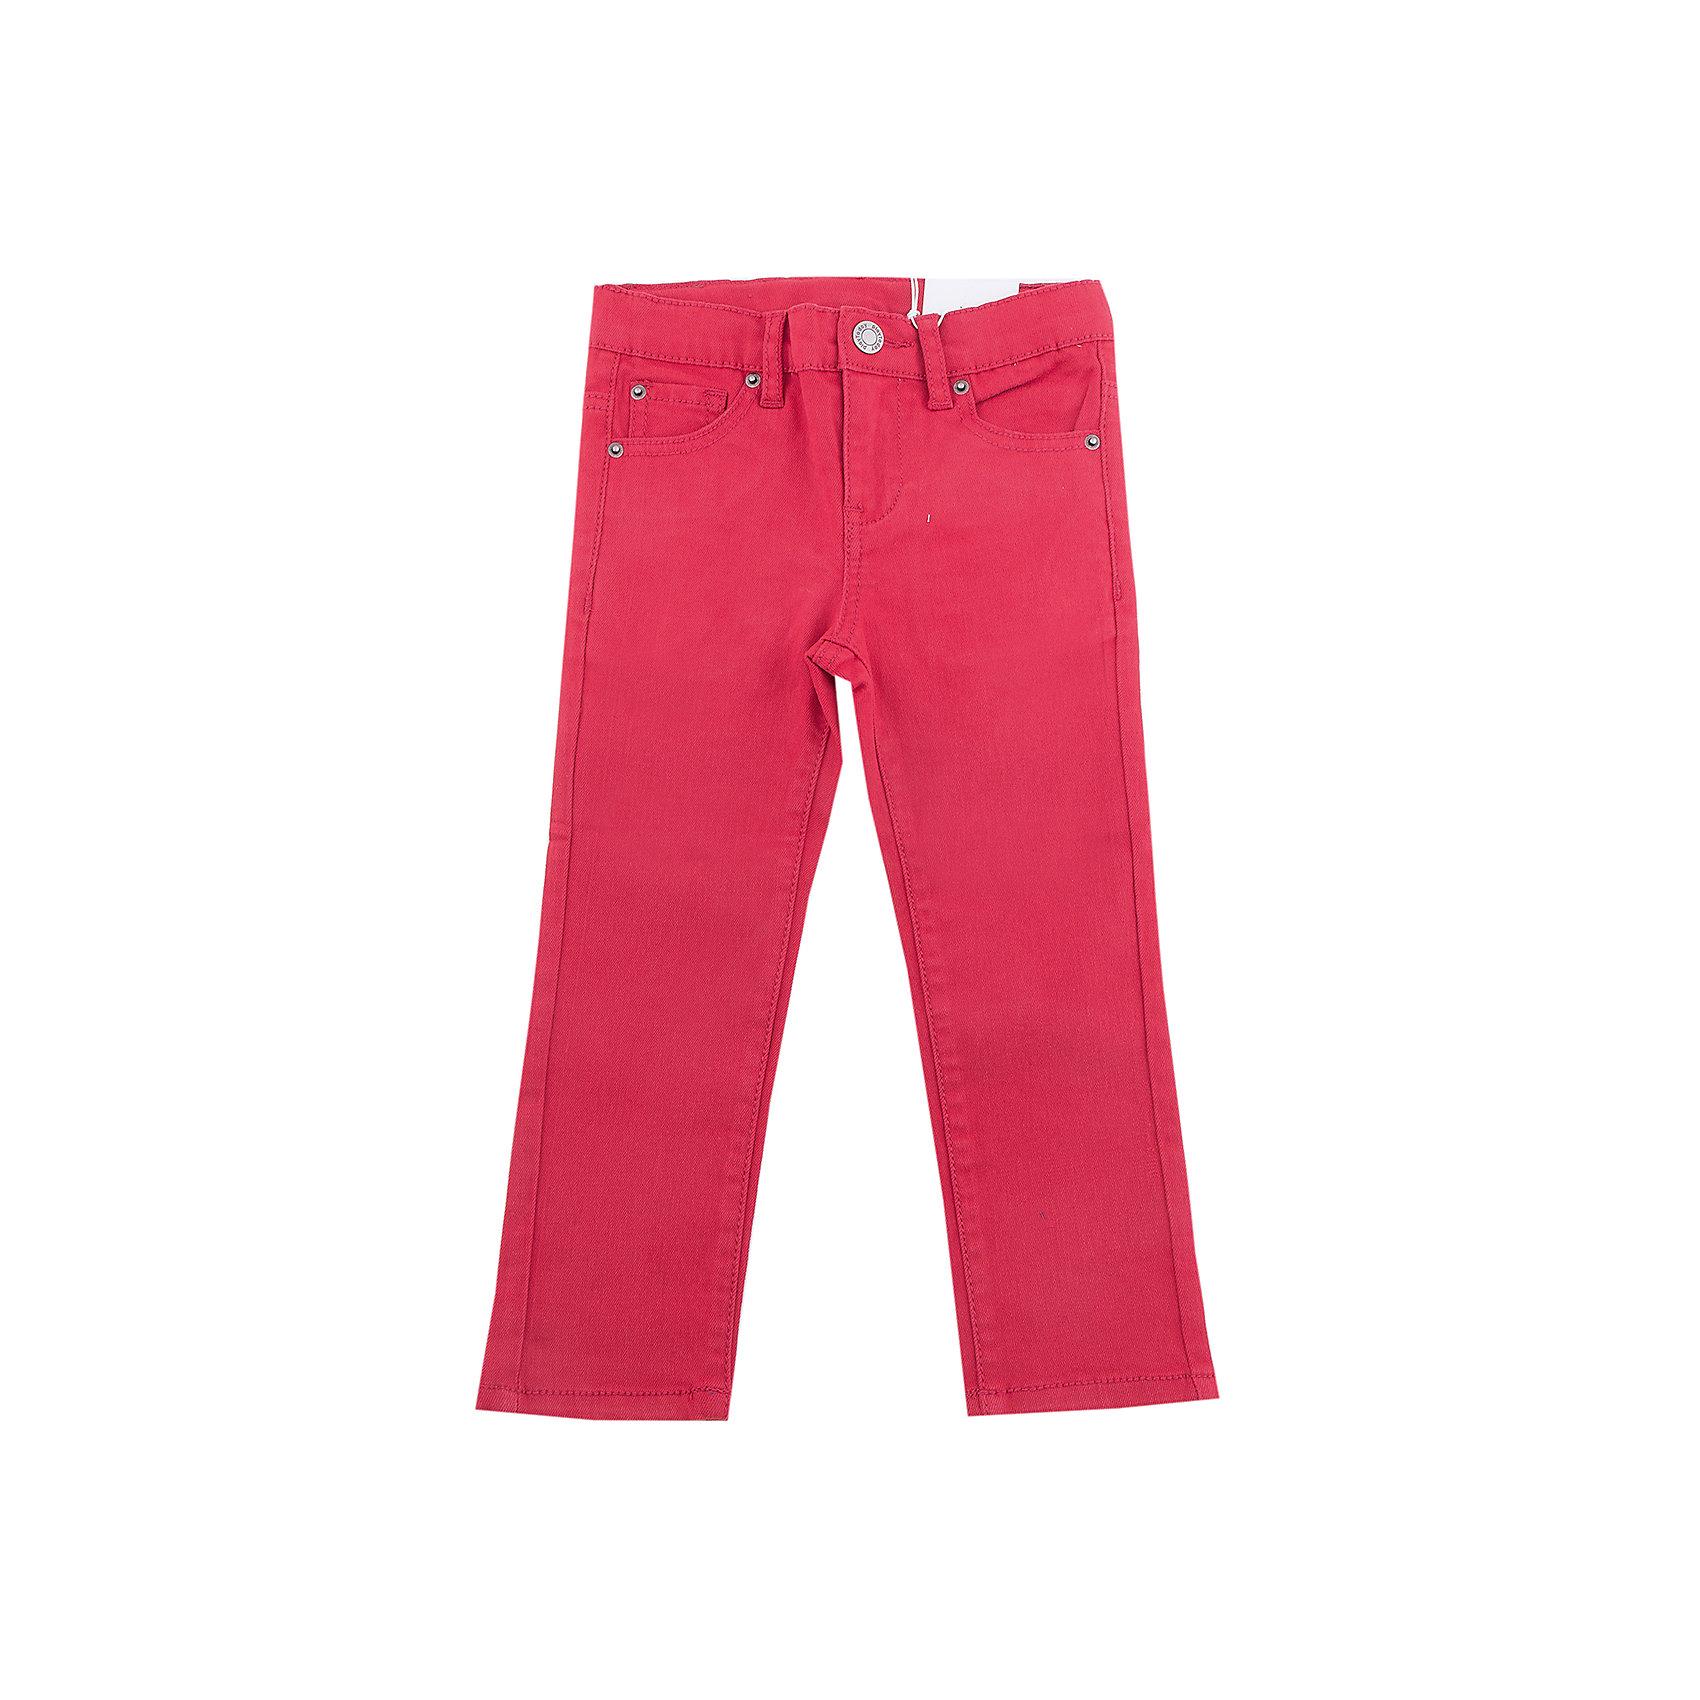 Брюки PlayToday для мальчикаБрюки<br>Брюки PlayToday для мальчика<br>Велюровые классические 5-ти карманные брюки. Добавление в материал эластана позволяют изделию хорошо сесть по фигуре. Модель со шлевками, при необходимости можно использовать ремень.<br>Состав:<br>97% хлопок, 3% эластан<br><br>Ширина мм: 215<br>Глубина мм: 88<br>Высота мм: 191<br>Вес г: 336<br>Цвет: красный<br>Возраст от месяцев: 84<br>Возраст до месяцев: 96<br>Пол: Мужской<br>Возраст: Детский<br>Размер: 128,98,104,110,116,122<br>SKU: 7111379